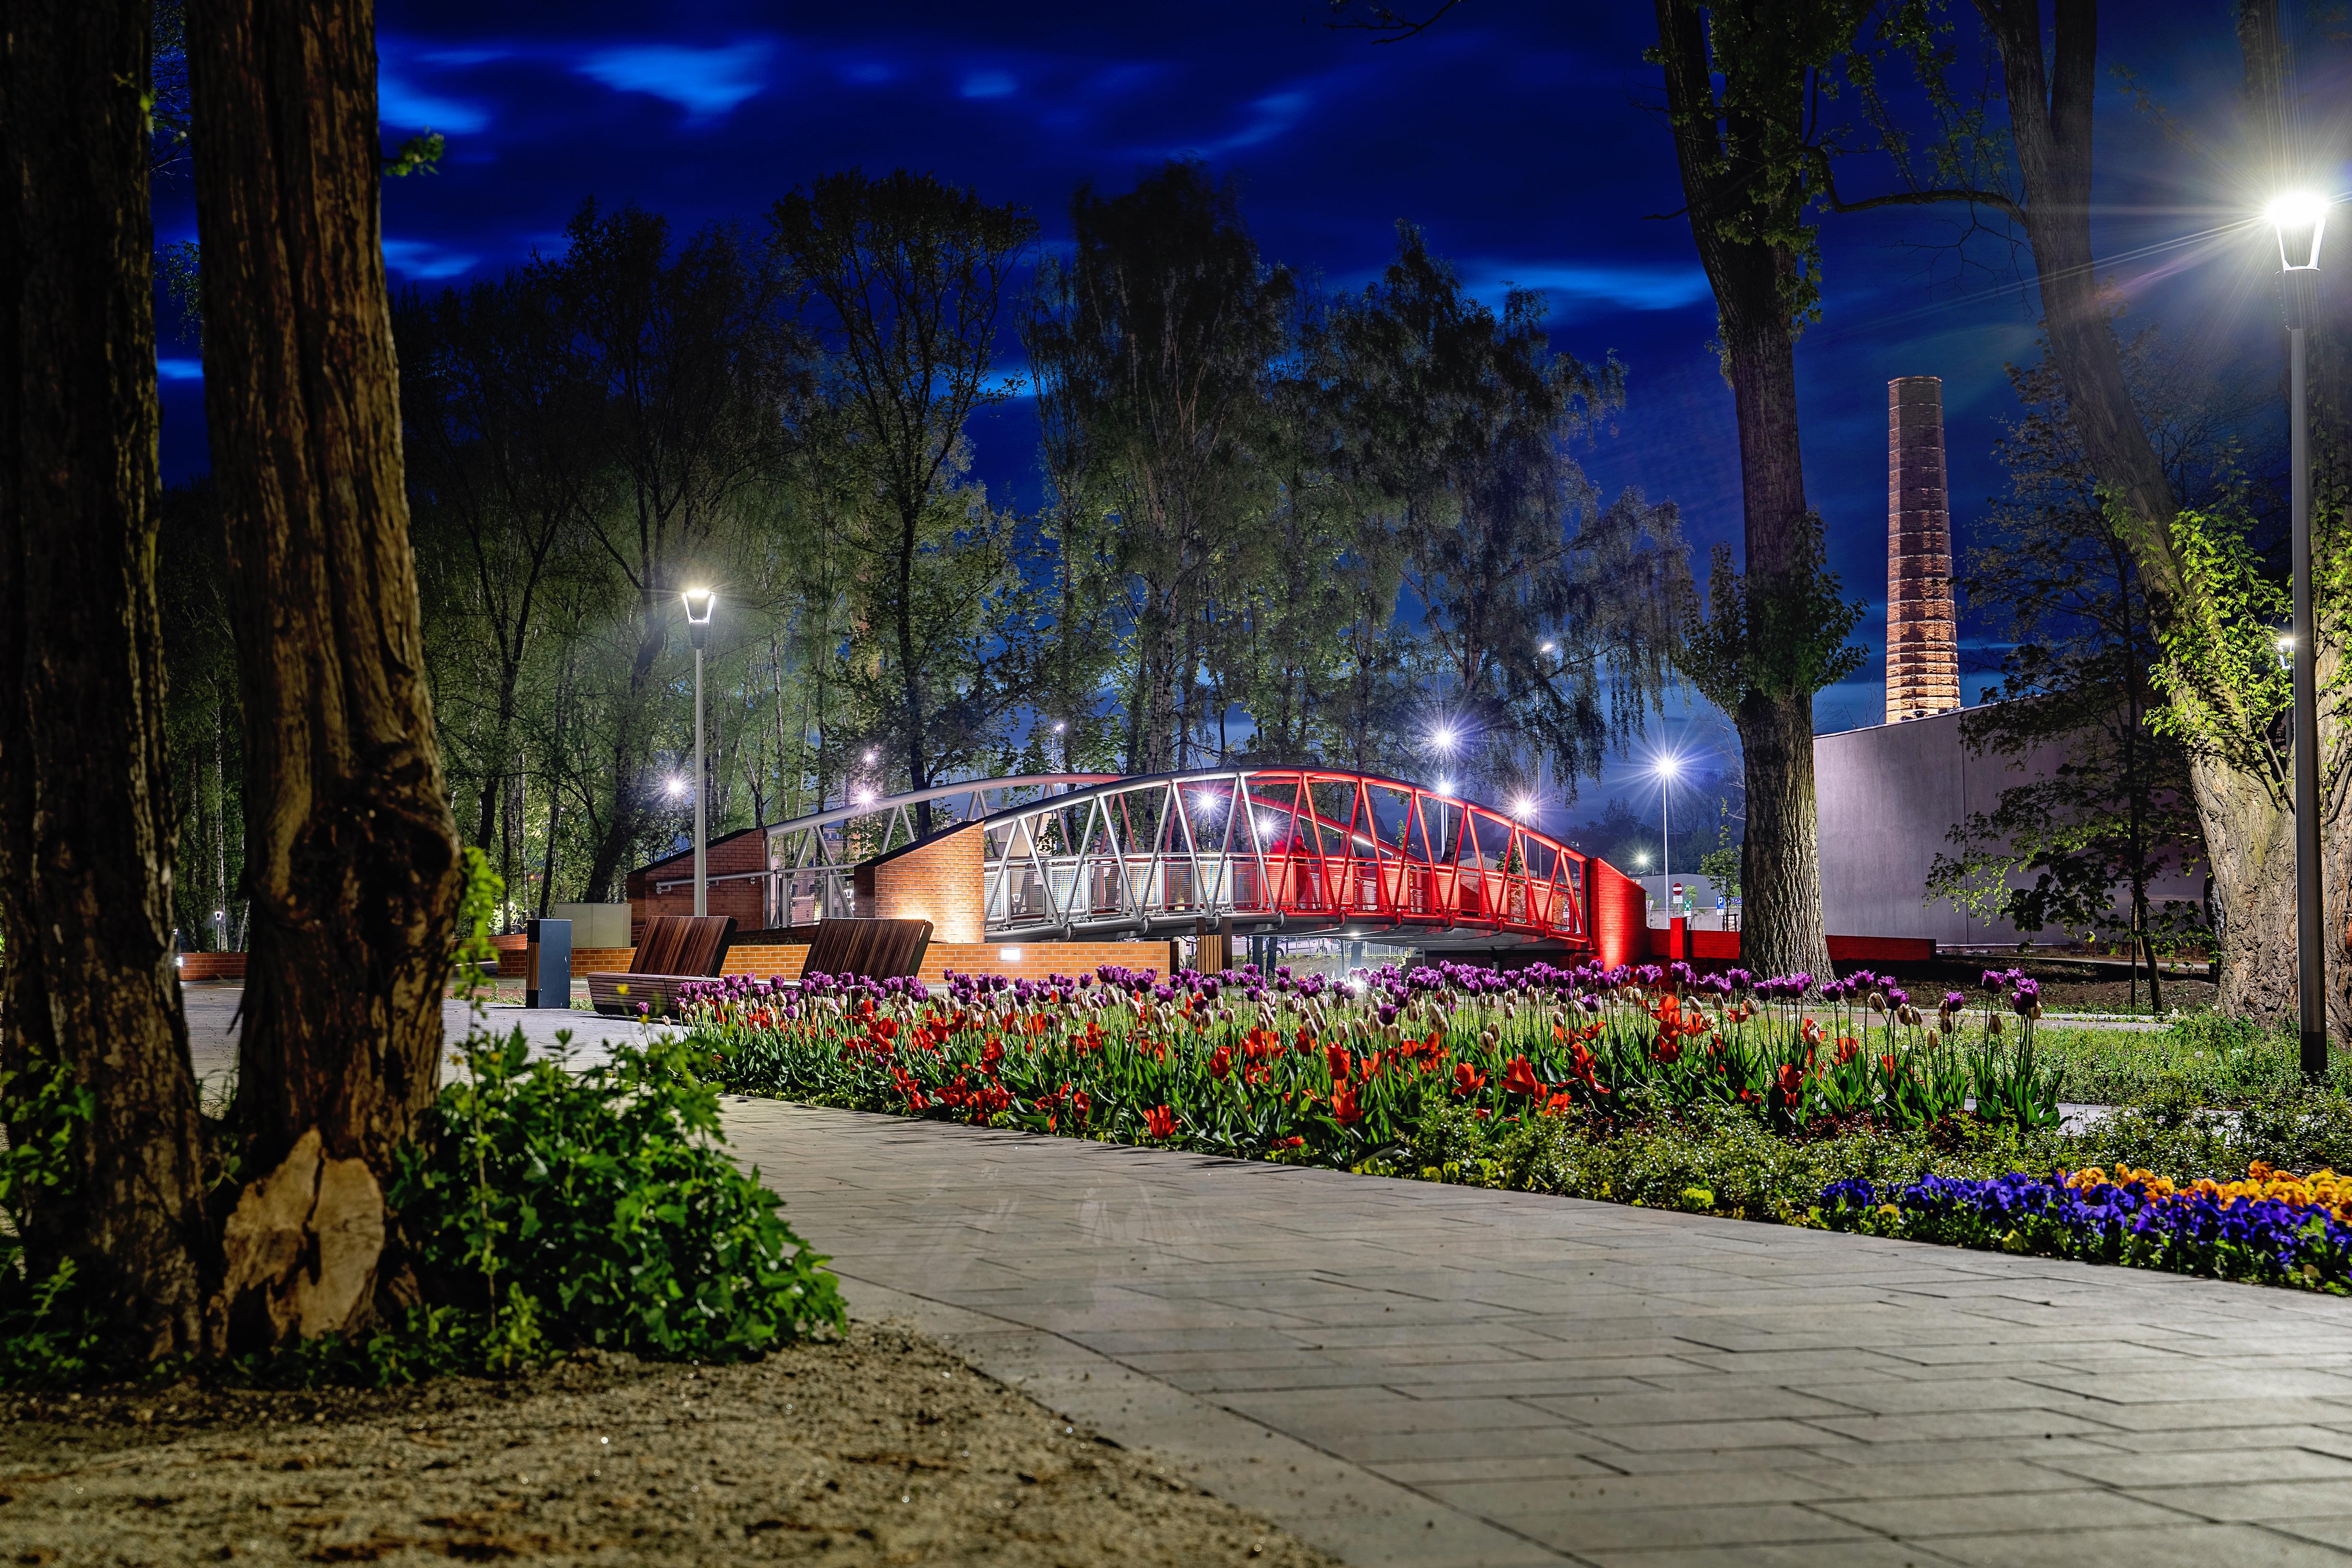 Zdjecia nocne 3 maja Park Bulwary Swieto flagi urzad miasta_0142-HDR-2